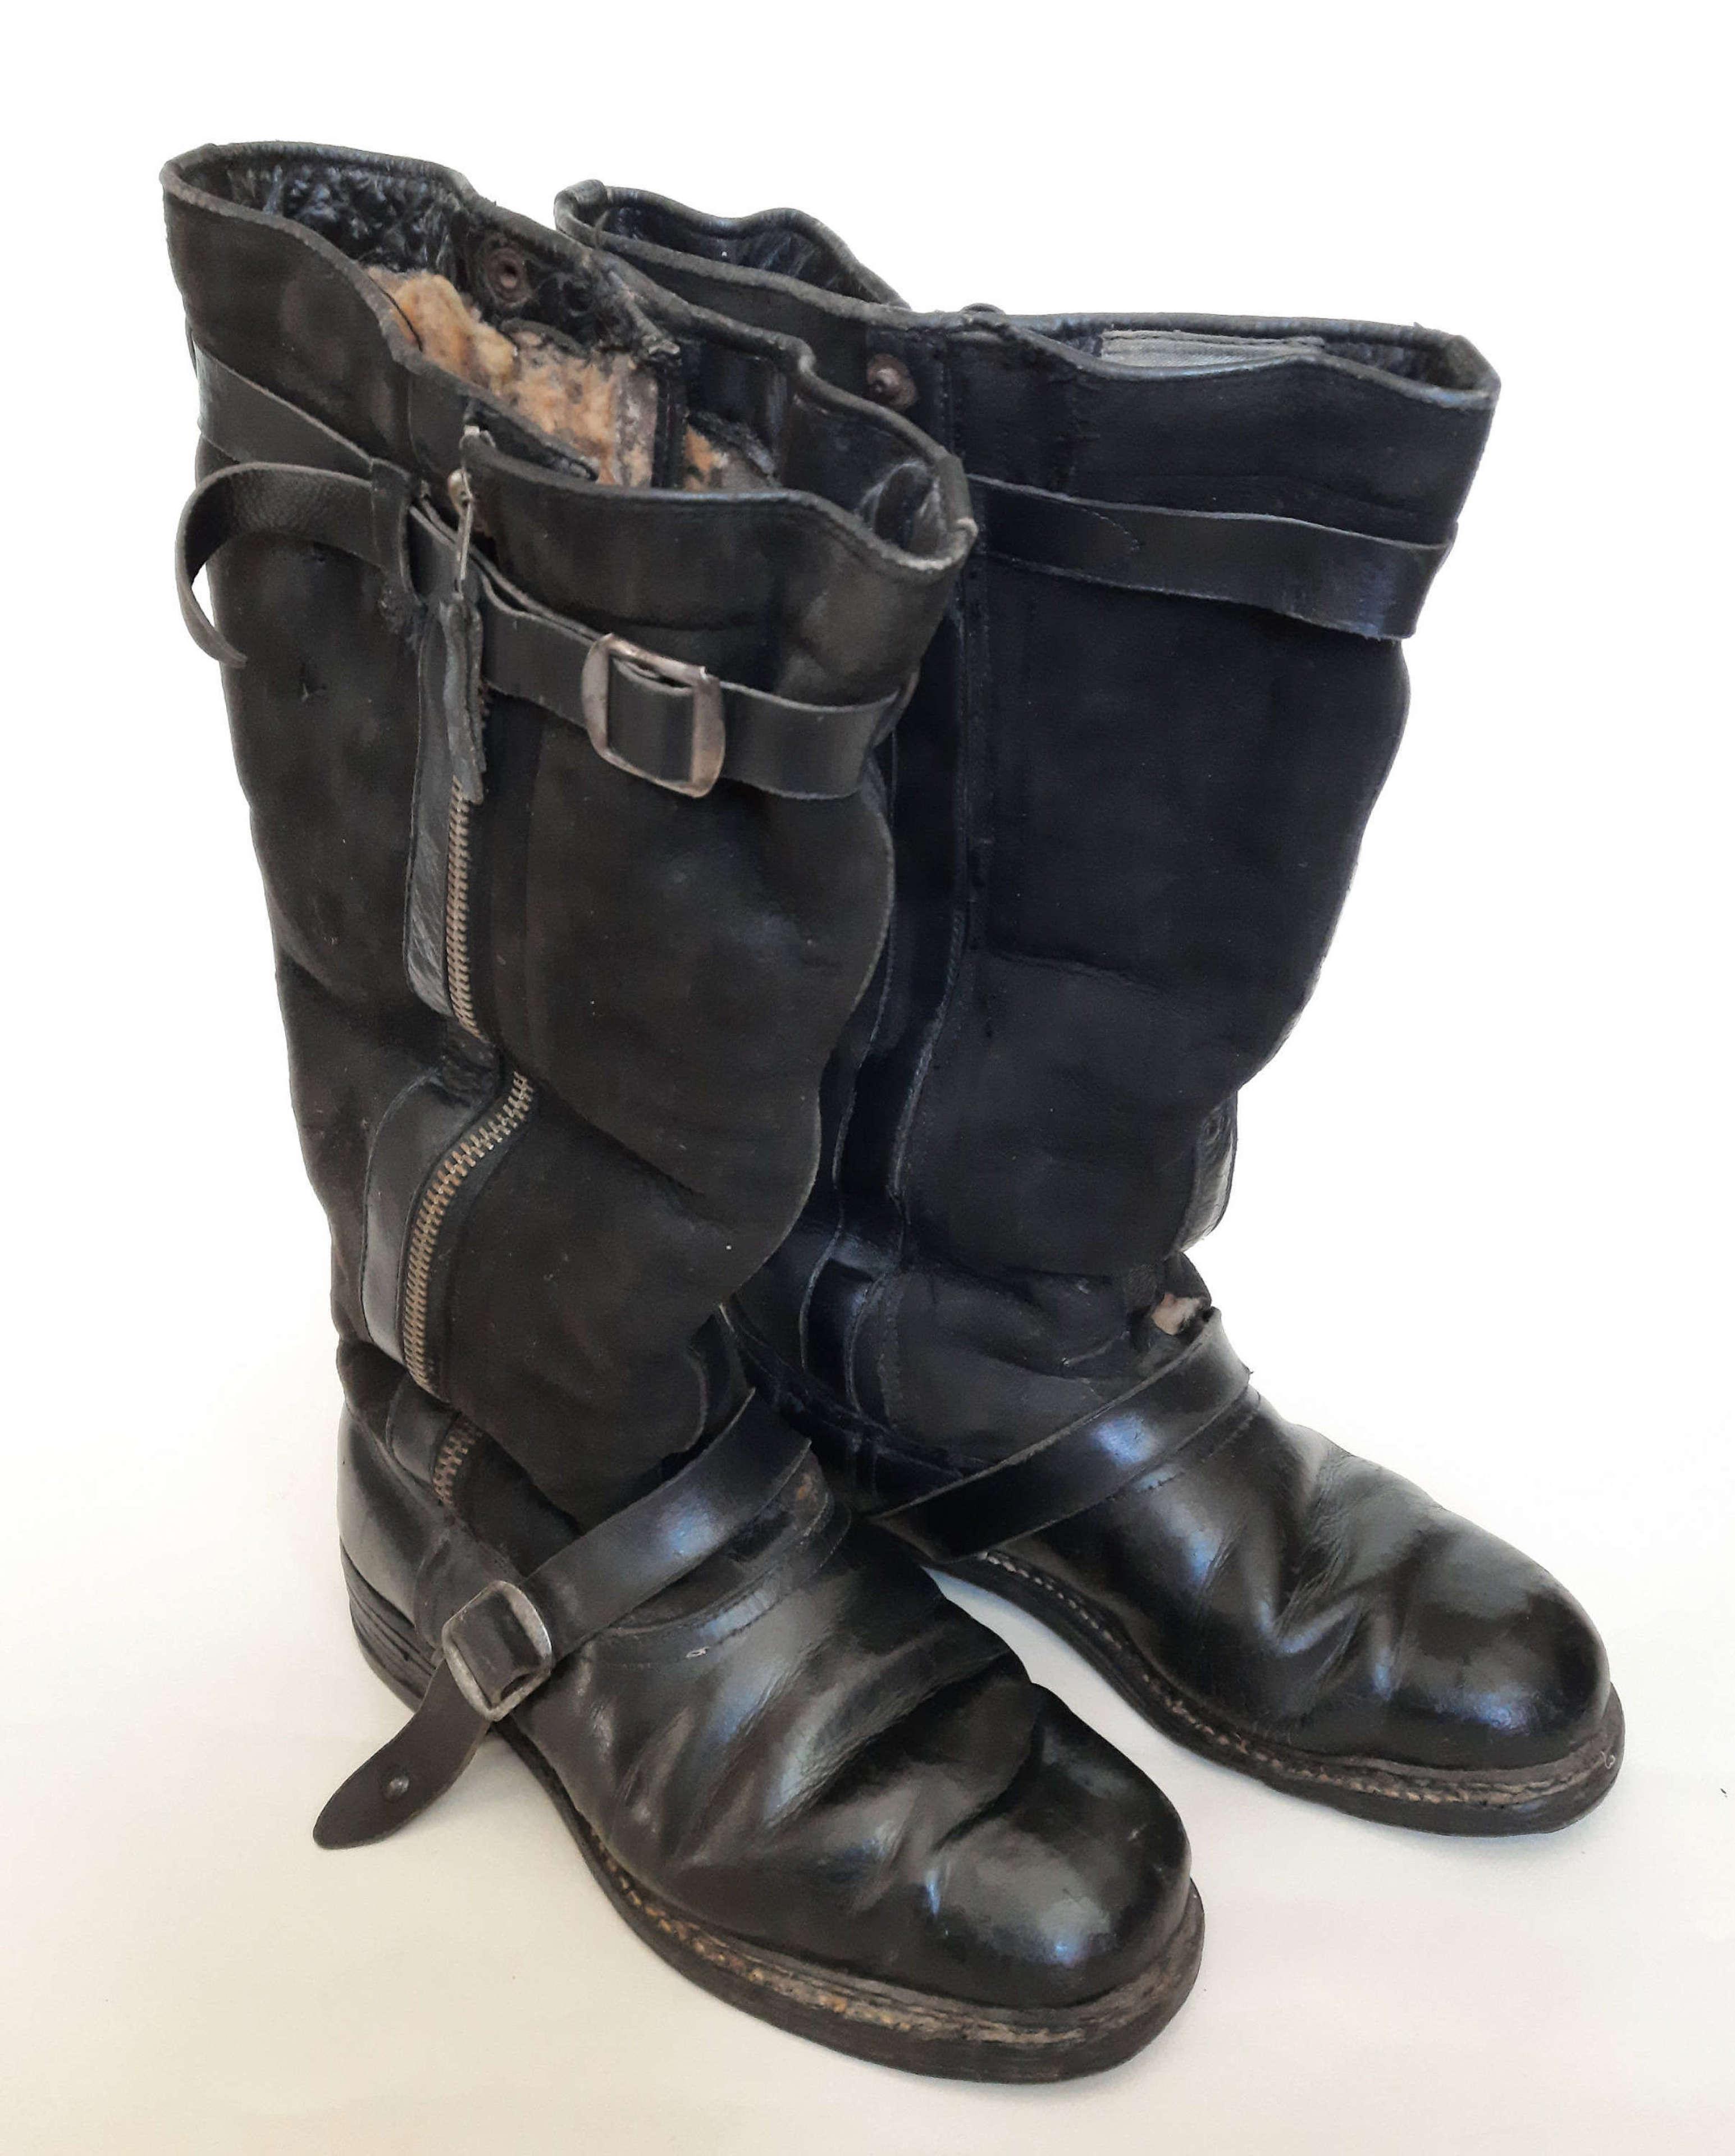 WW2 Luftwaffe Flying Boots